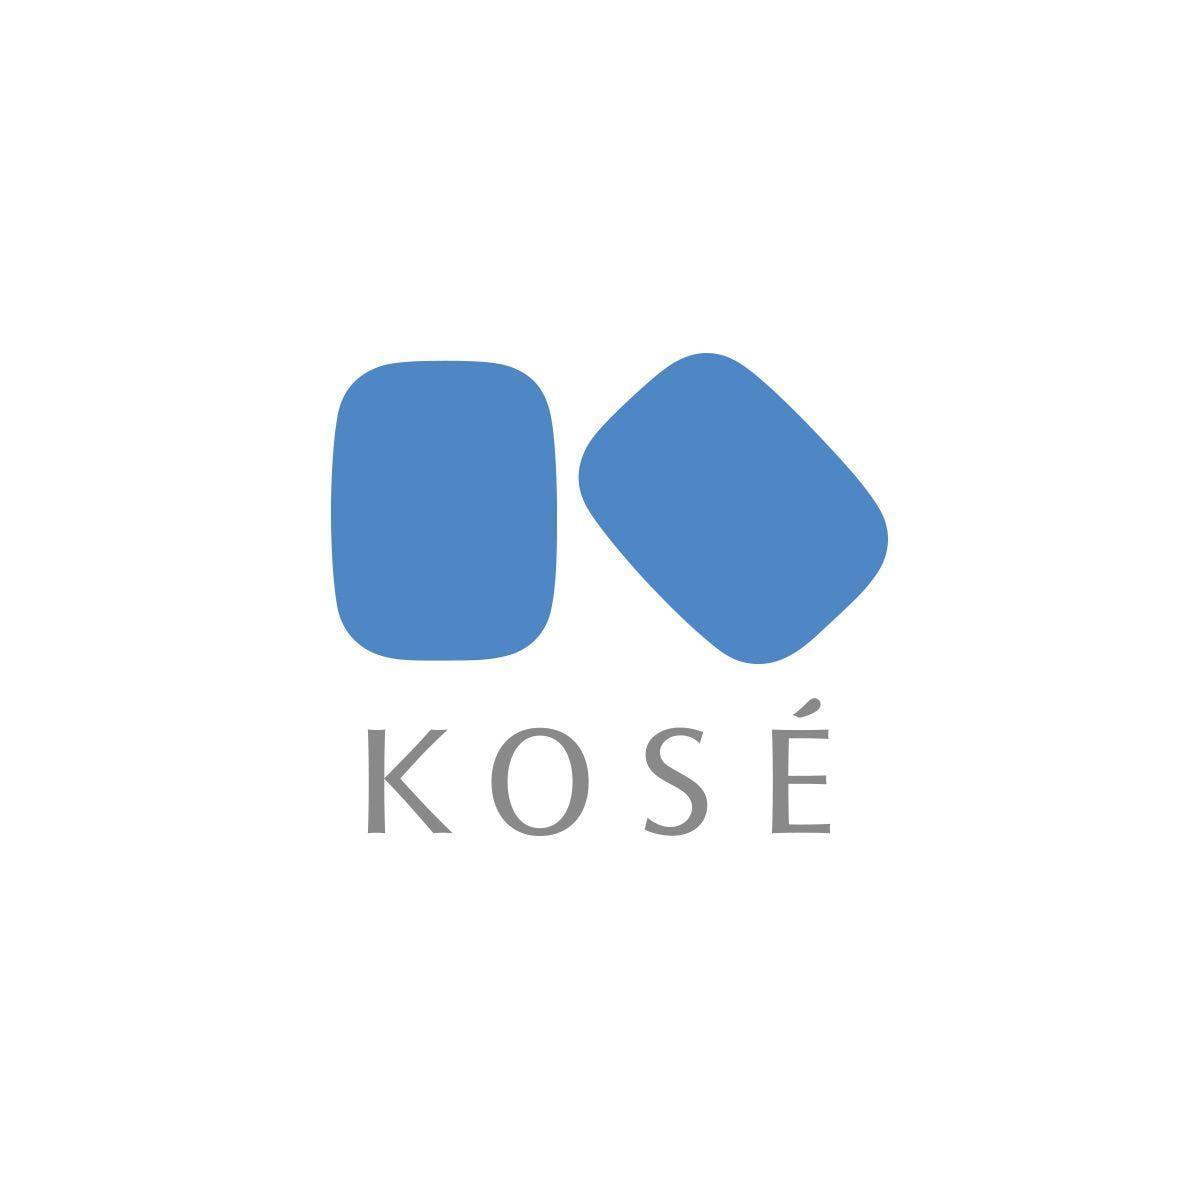 logo kose